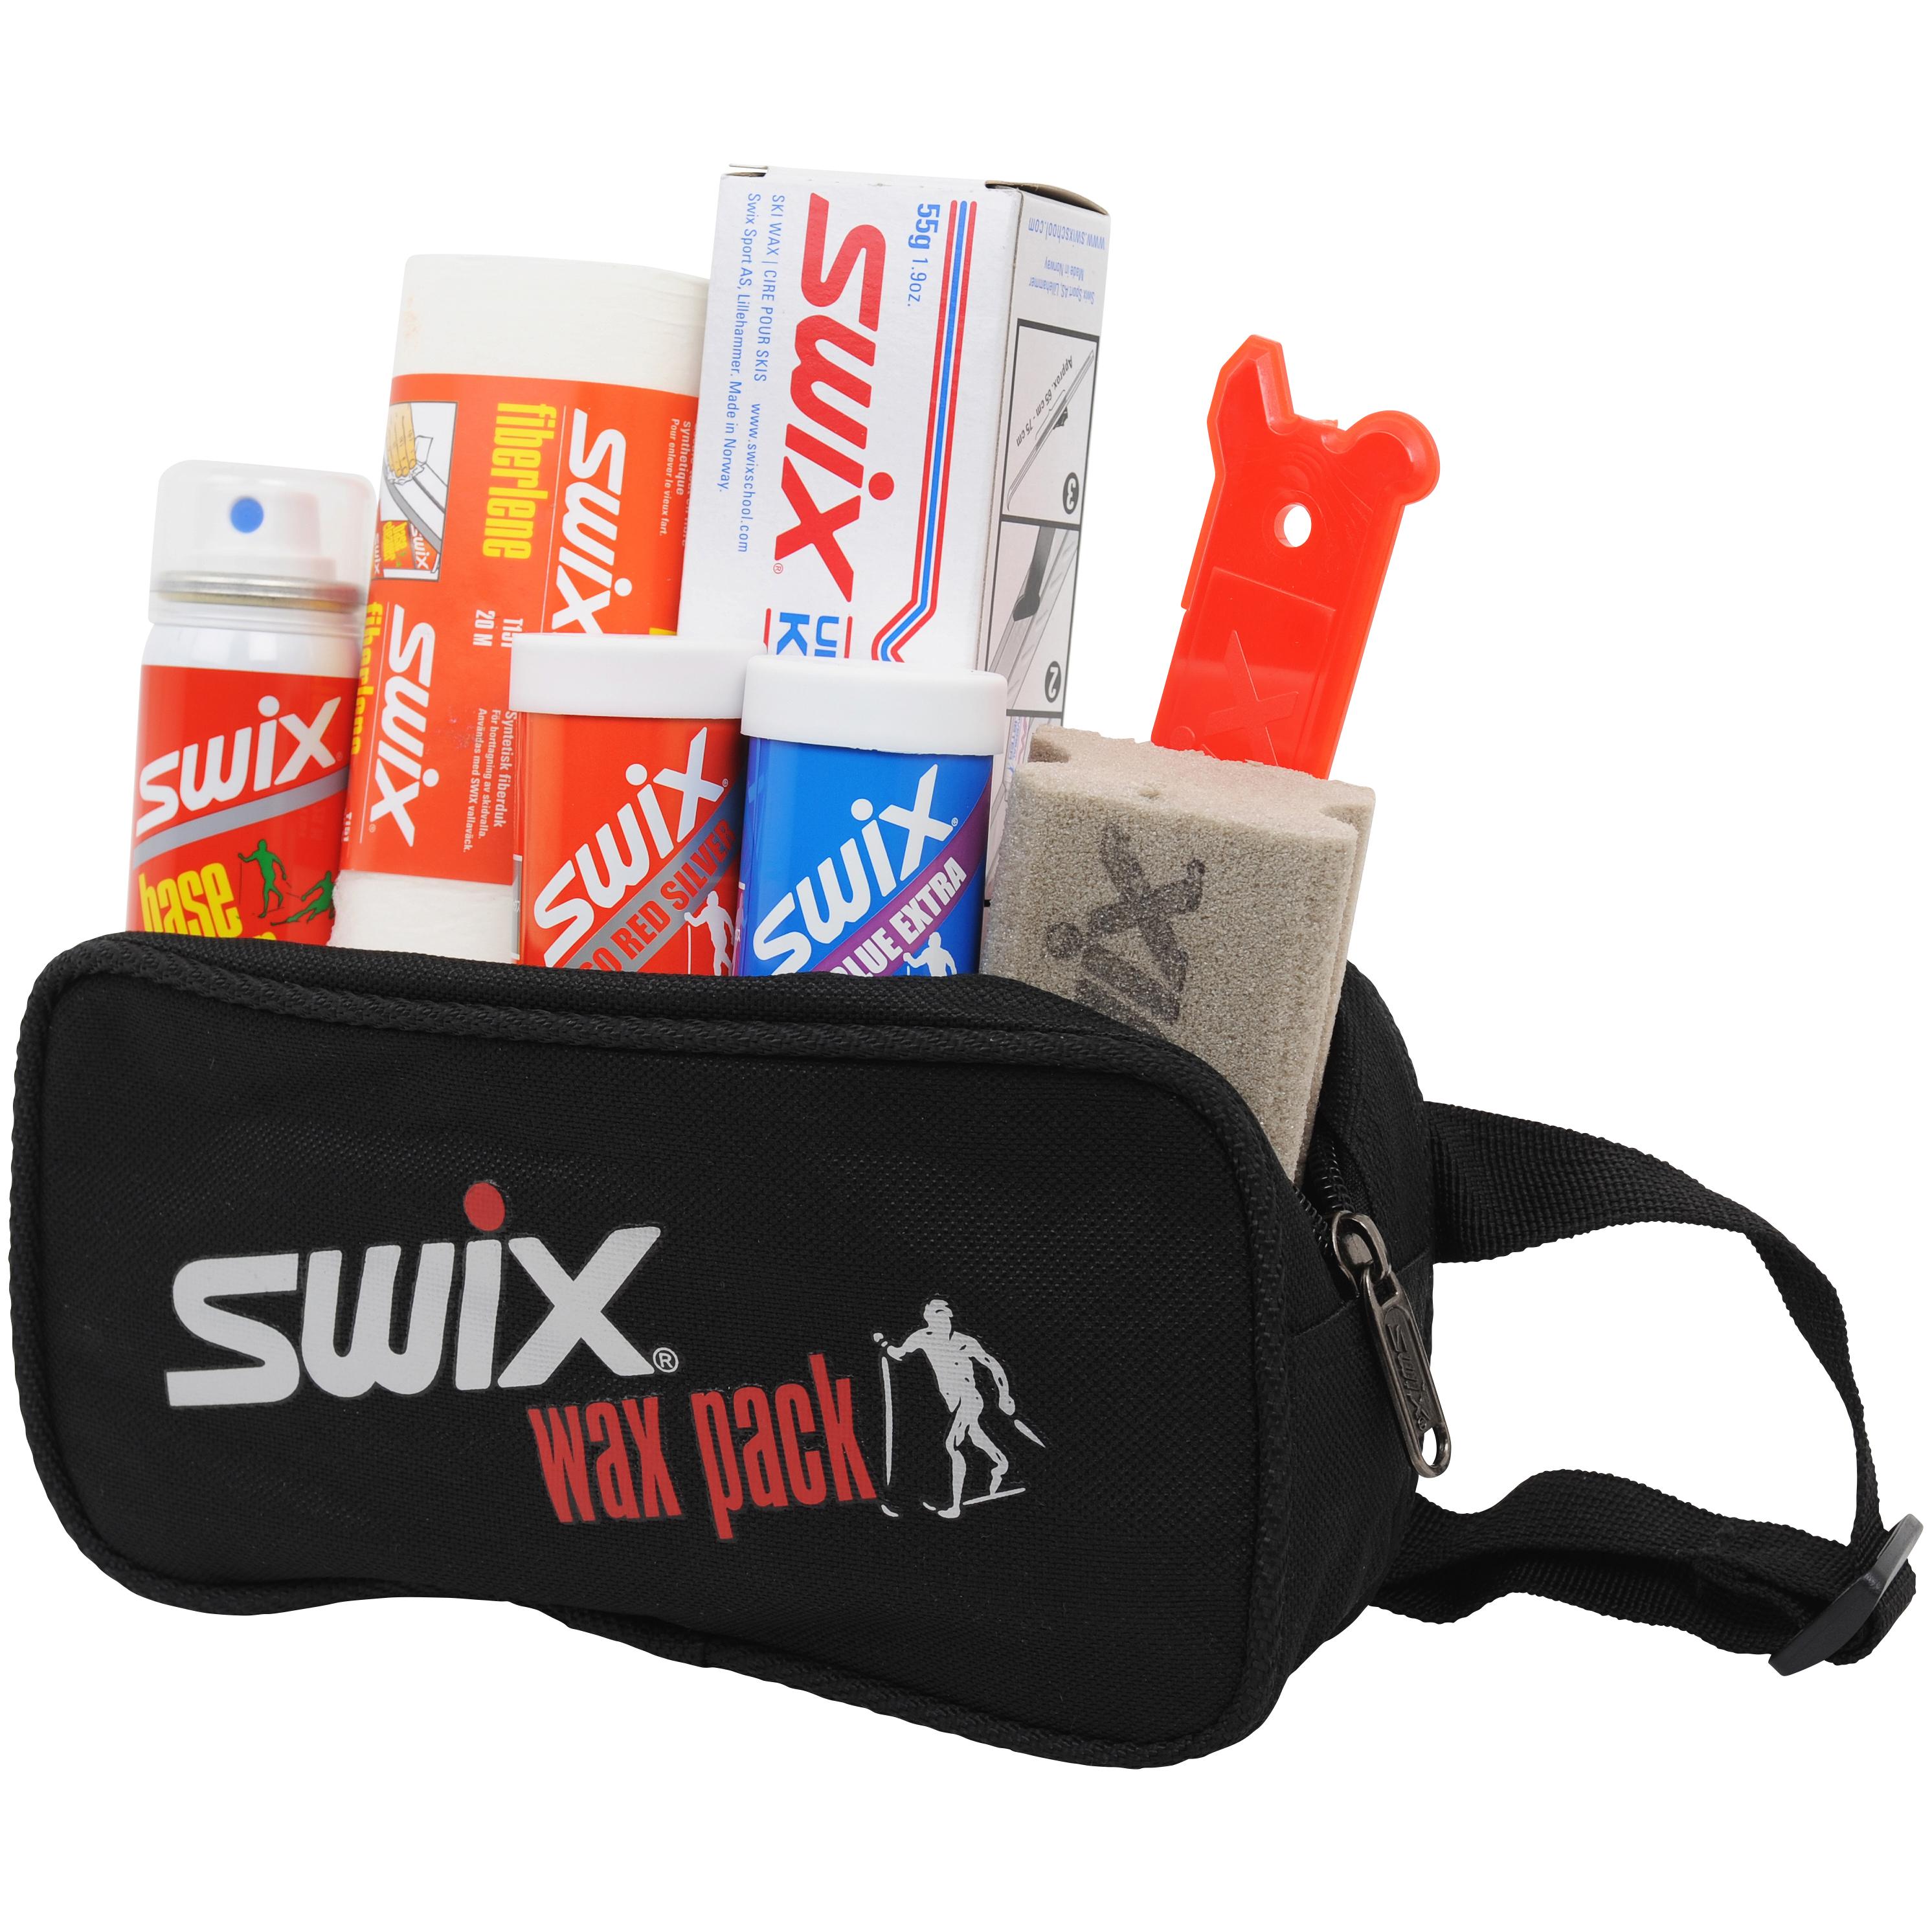 Swix Wax Pack Smørepakning m/Belte Inneholder 7 produkter!